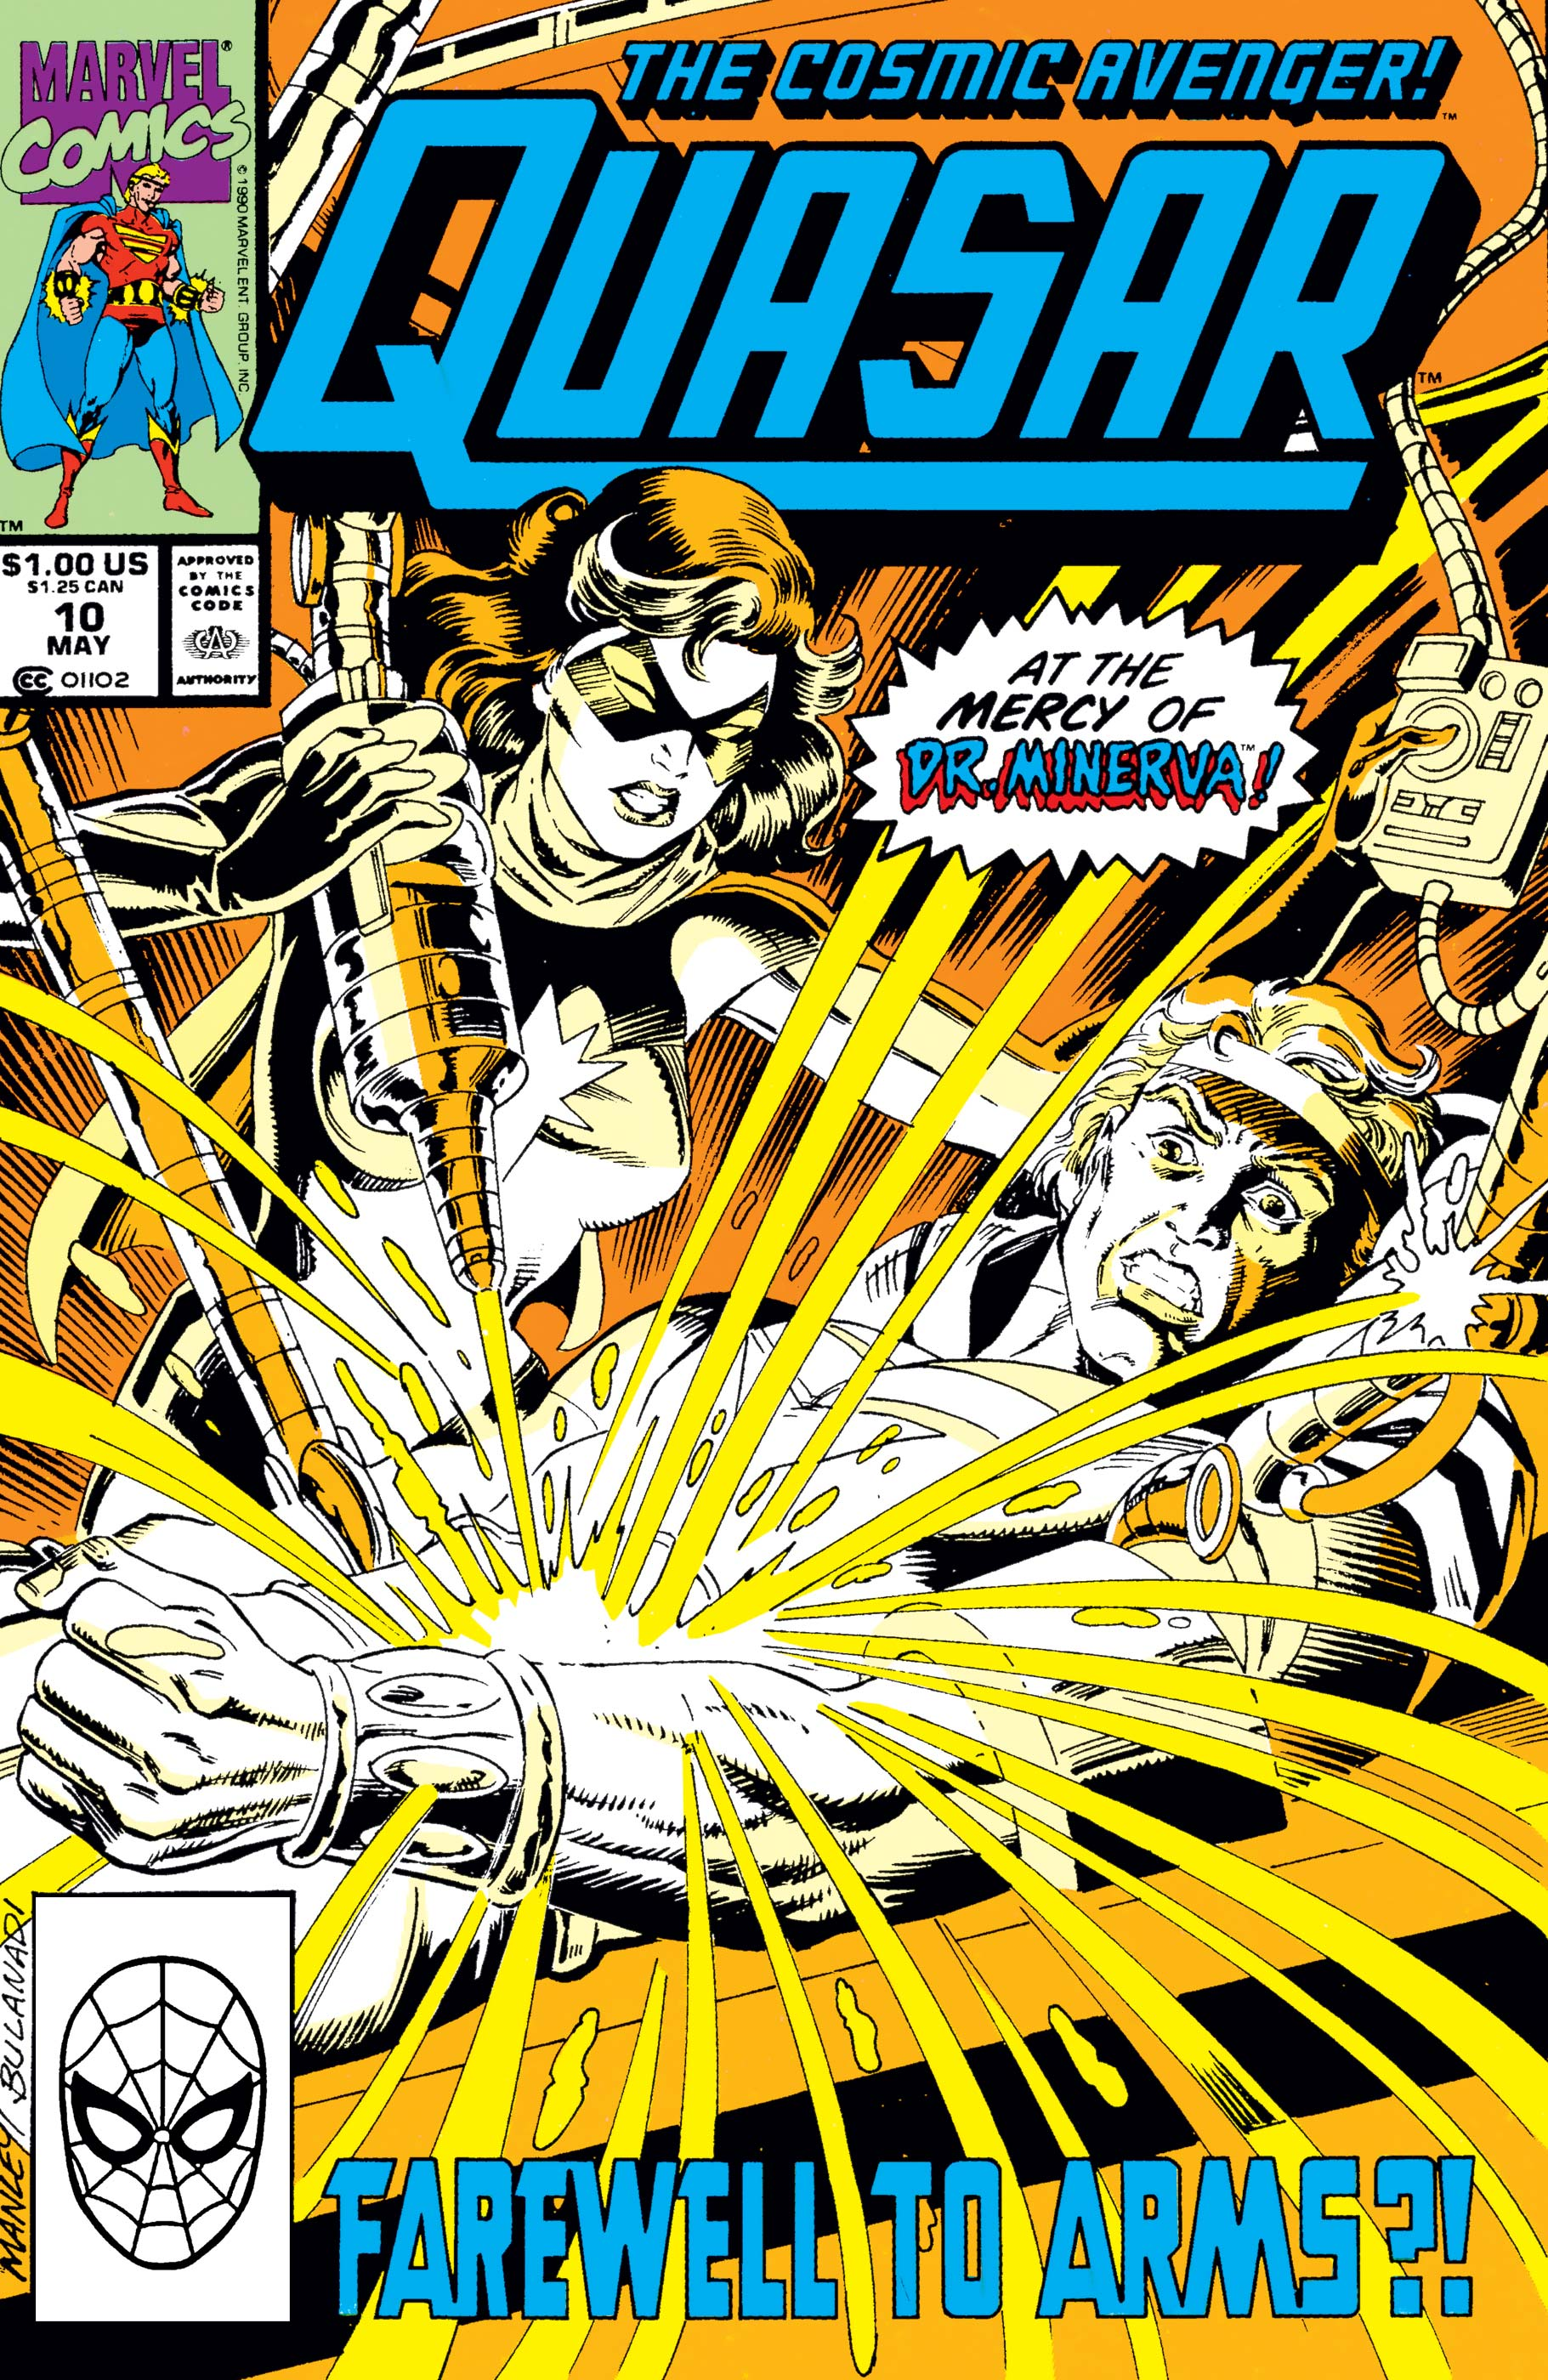 Quasar (1989) #10